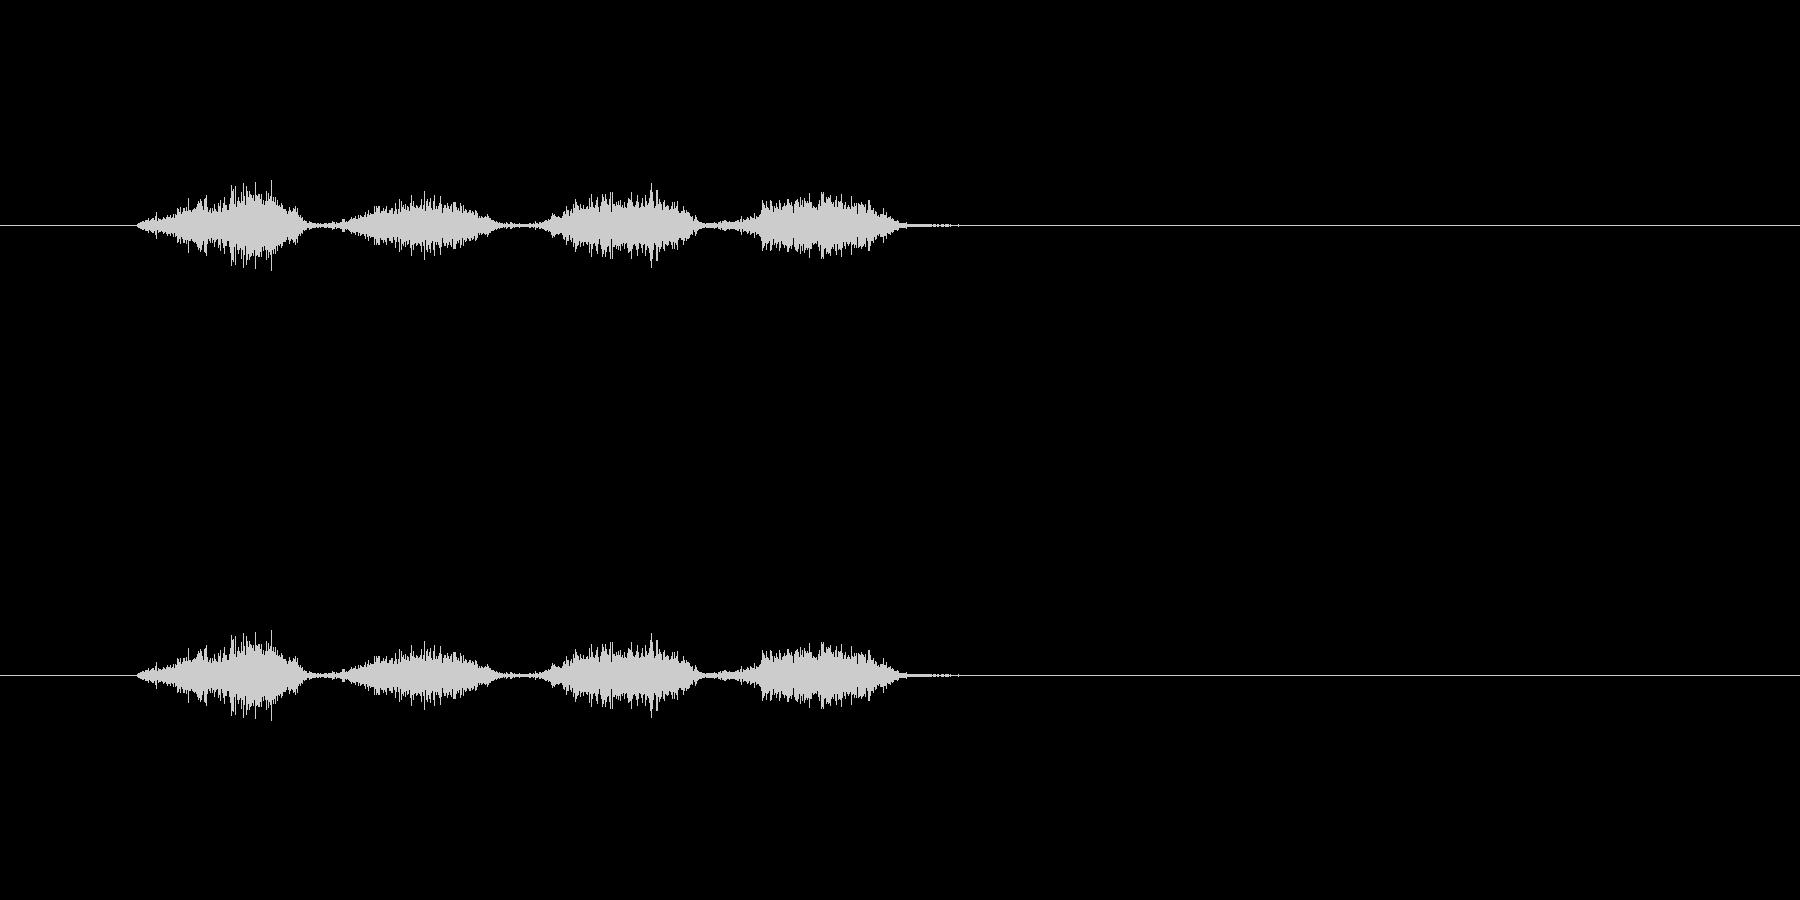 【消しゴム01-1(こする)】の未再生の波形